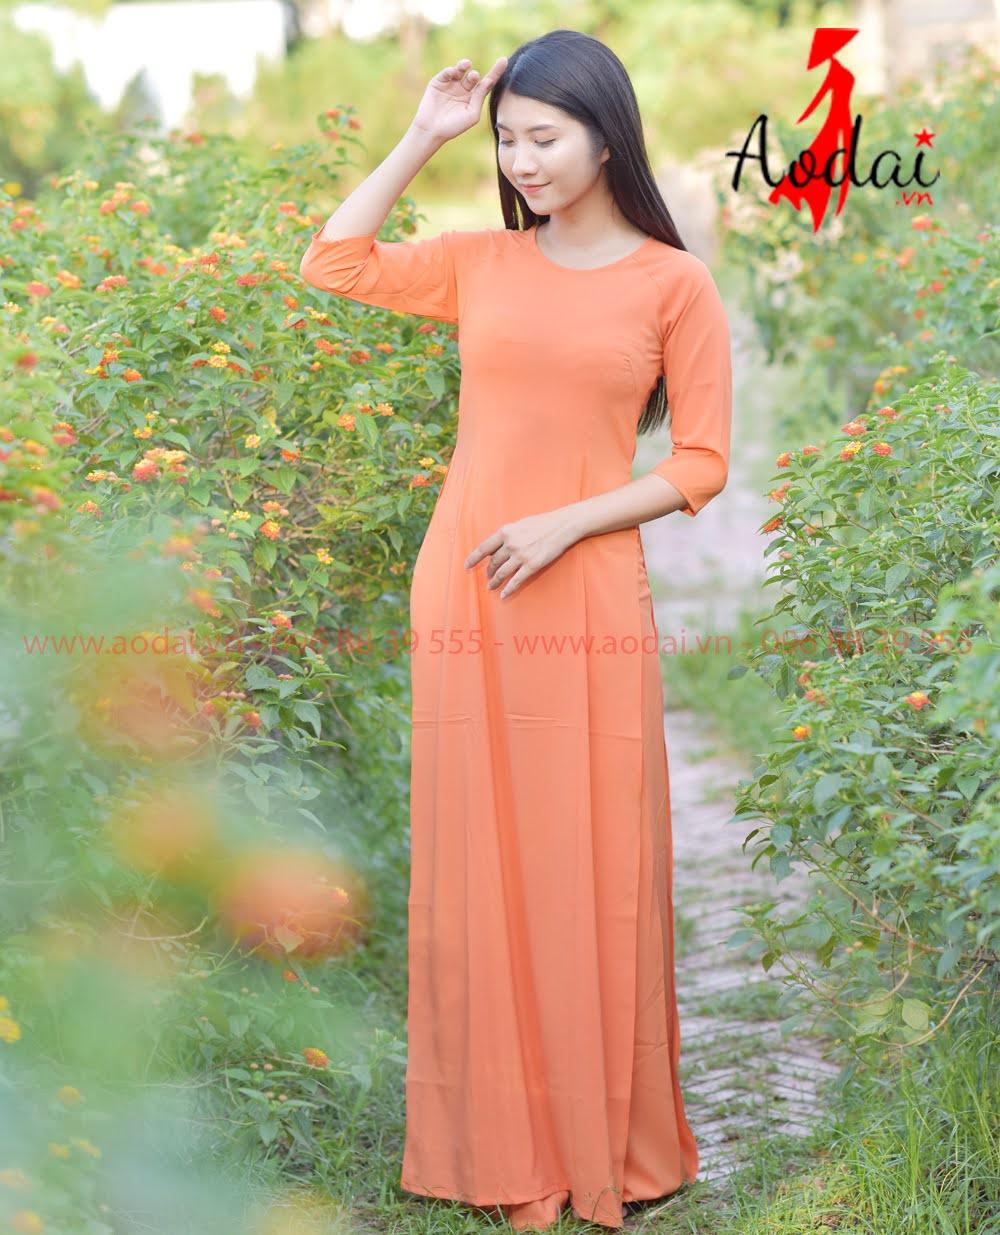 In áo dài tại Ứng Hòa